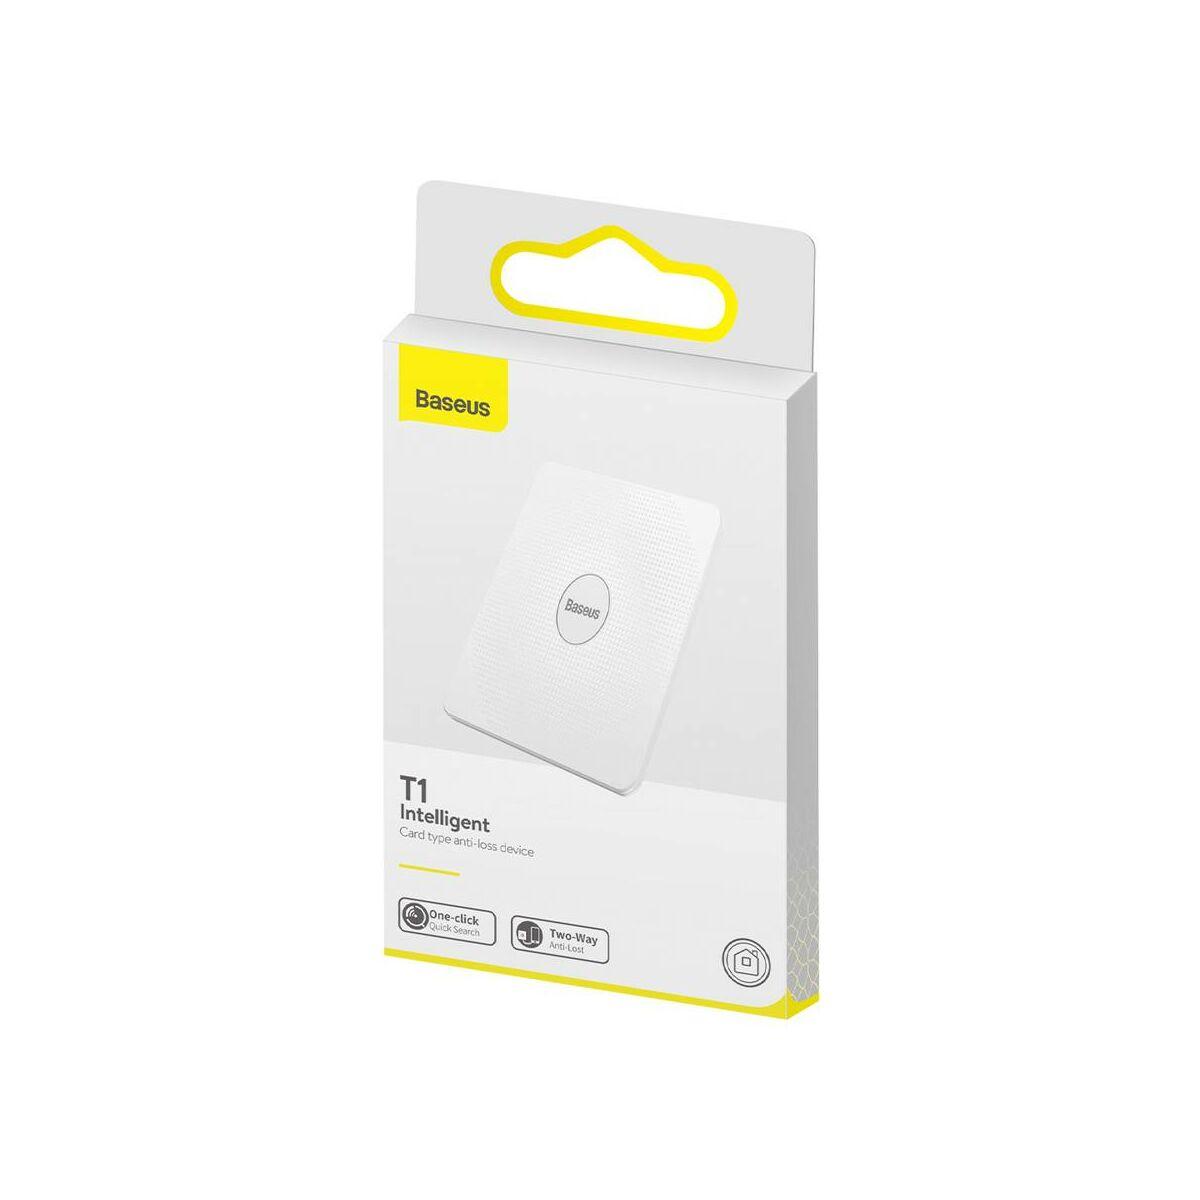 Baseus otthon, Intelligens T1 mini lapos kártya forma, elveszett eszközök/kulcsok megtalálásához eszköz és detektor, fehér (ZLFDQT1-02)